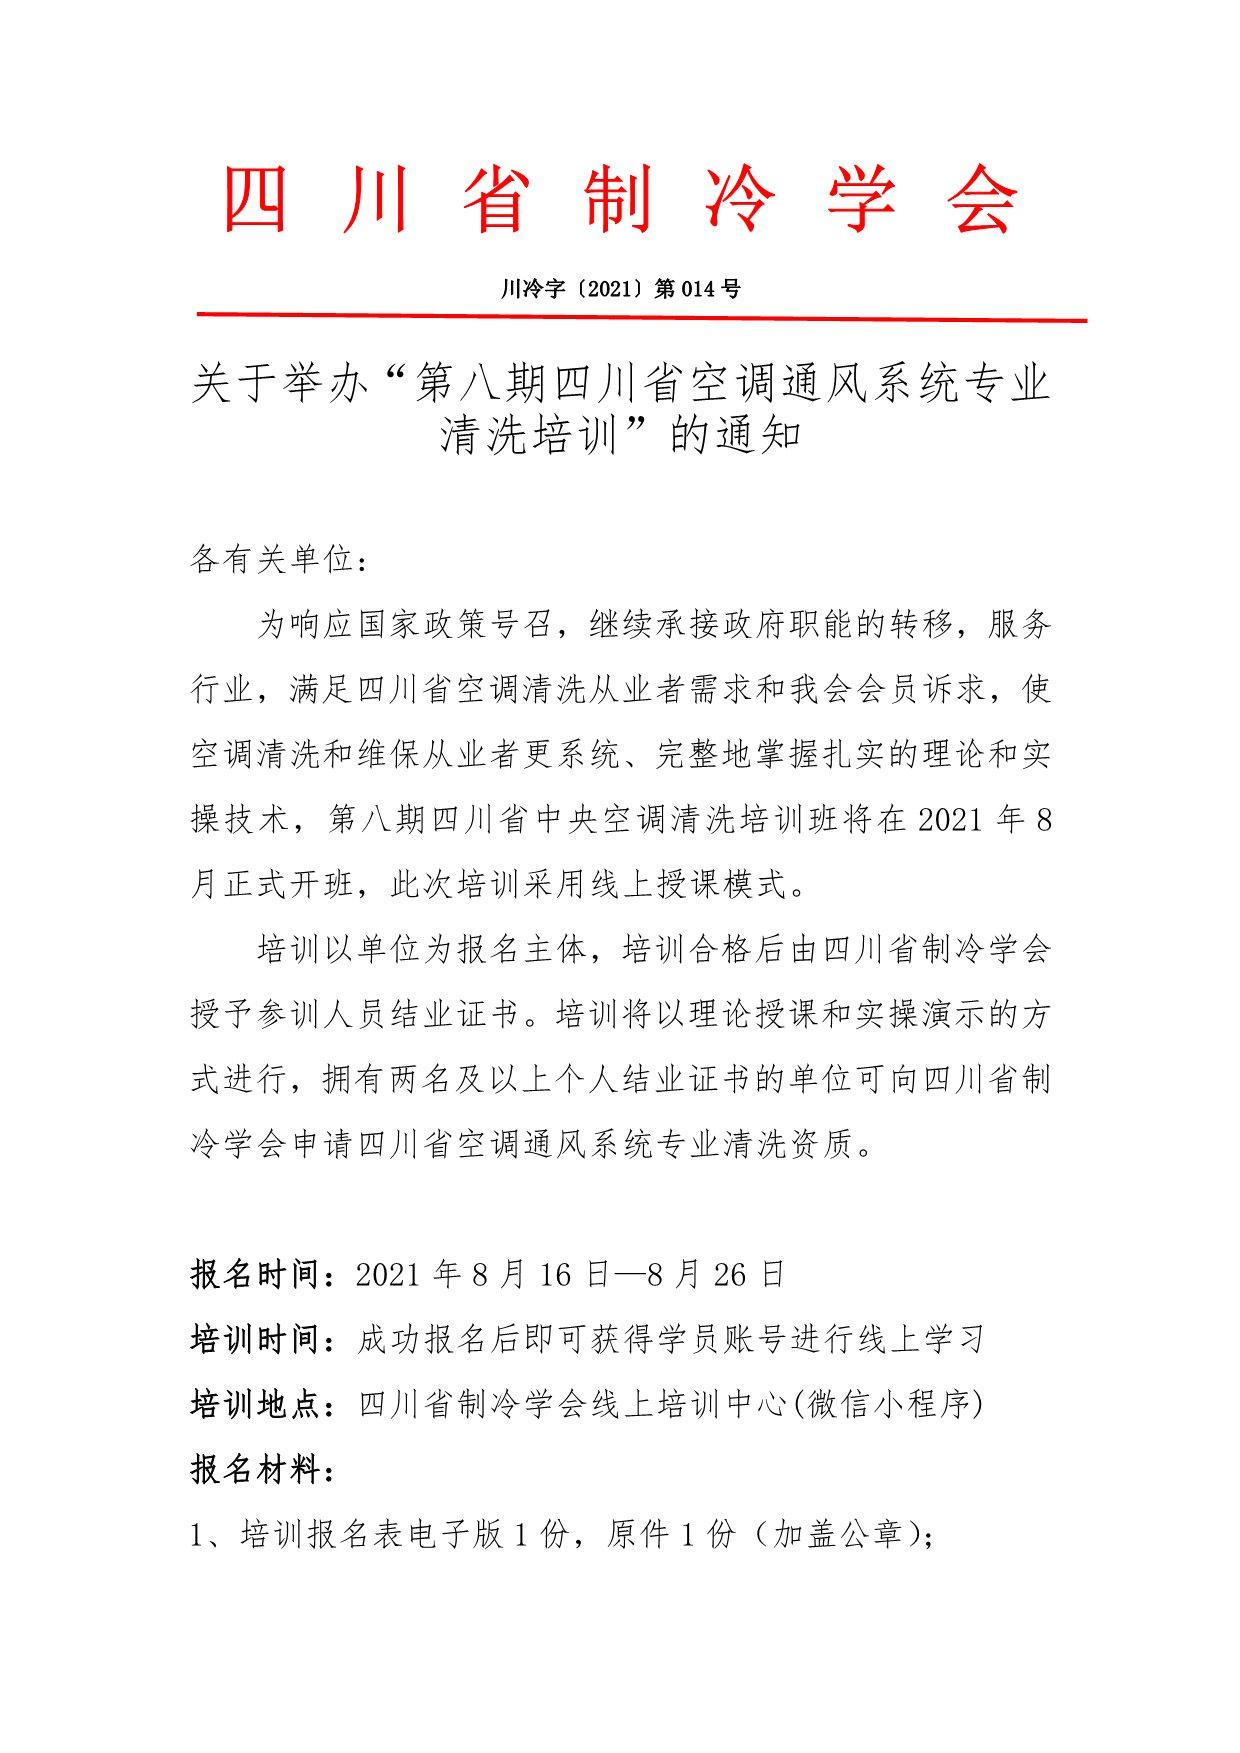 """关于举办""""第八期四川省空调通风系统专业清洗培训""""的通知"""